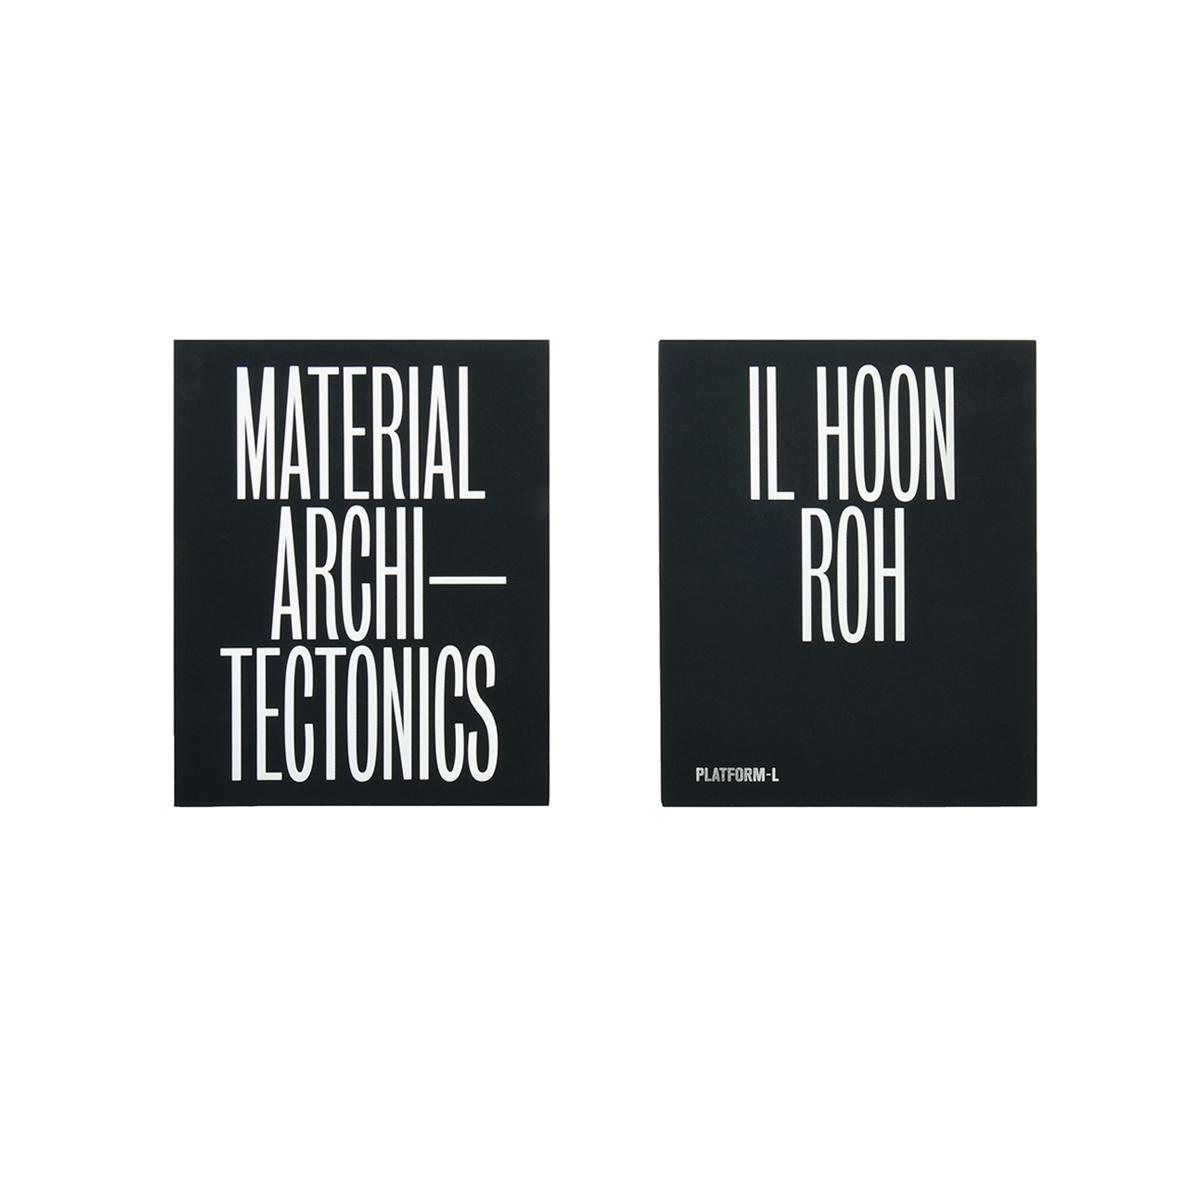 플랫폼엘 ≪노일훈: 물질의 건축술≫ 전시 도록